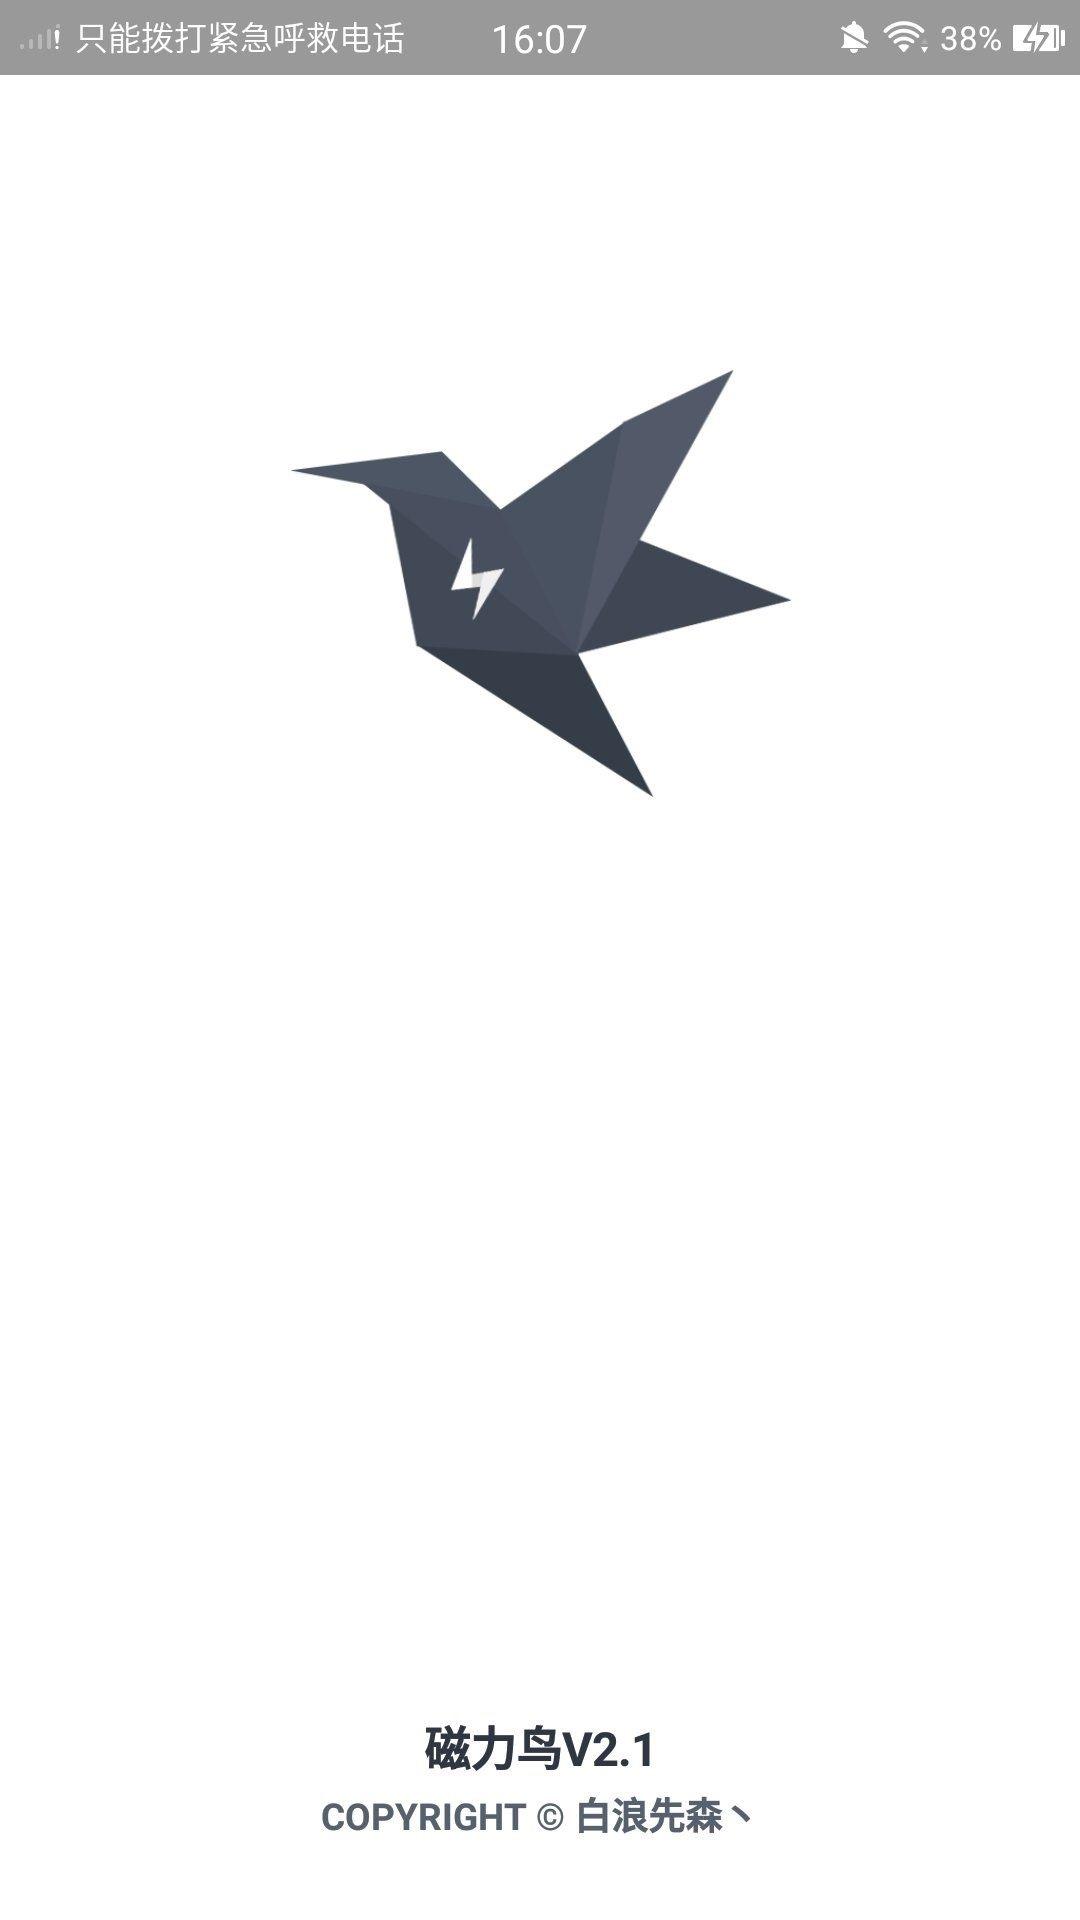 磁力鸟3.8 - 磁力解析/播放/下载/投屏 开启新纪元